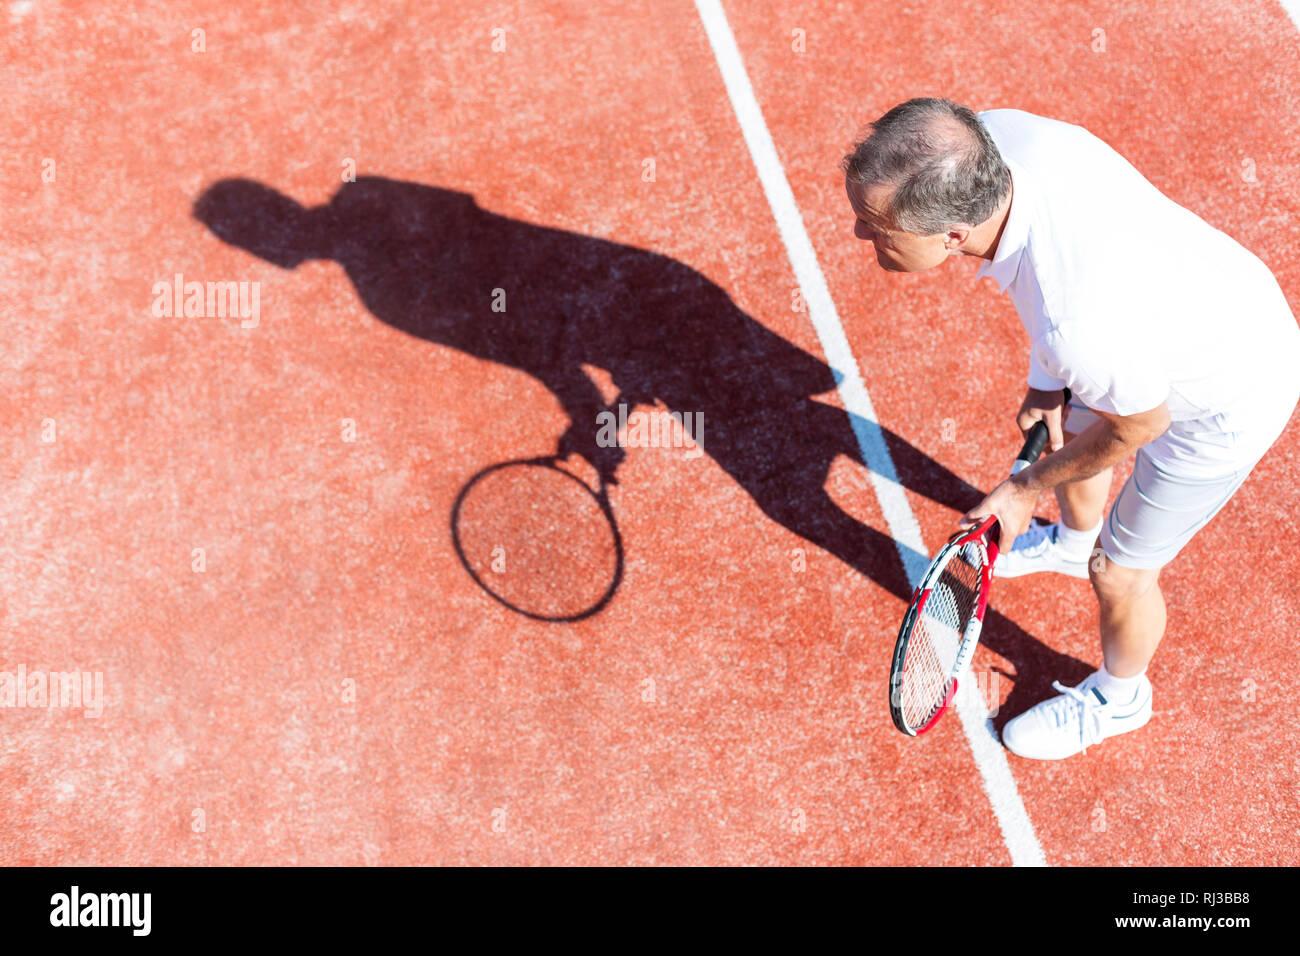 La longitud total del hombre senior jugando tenis en rojo corte durante el fin de semana de verano Foto de stock